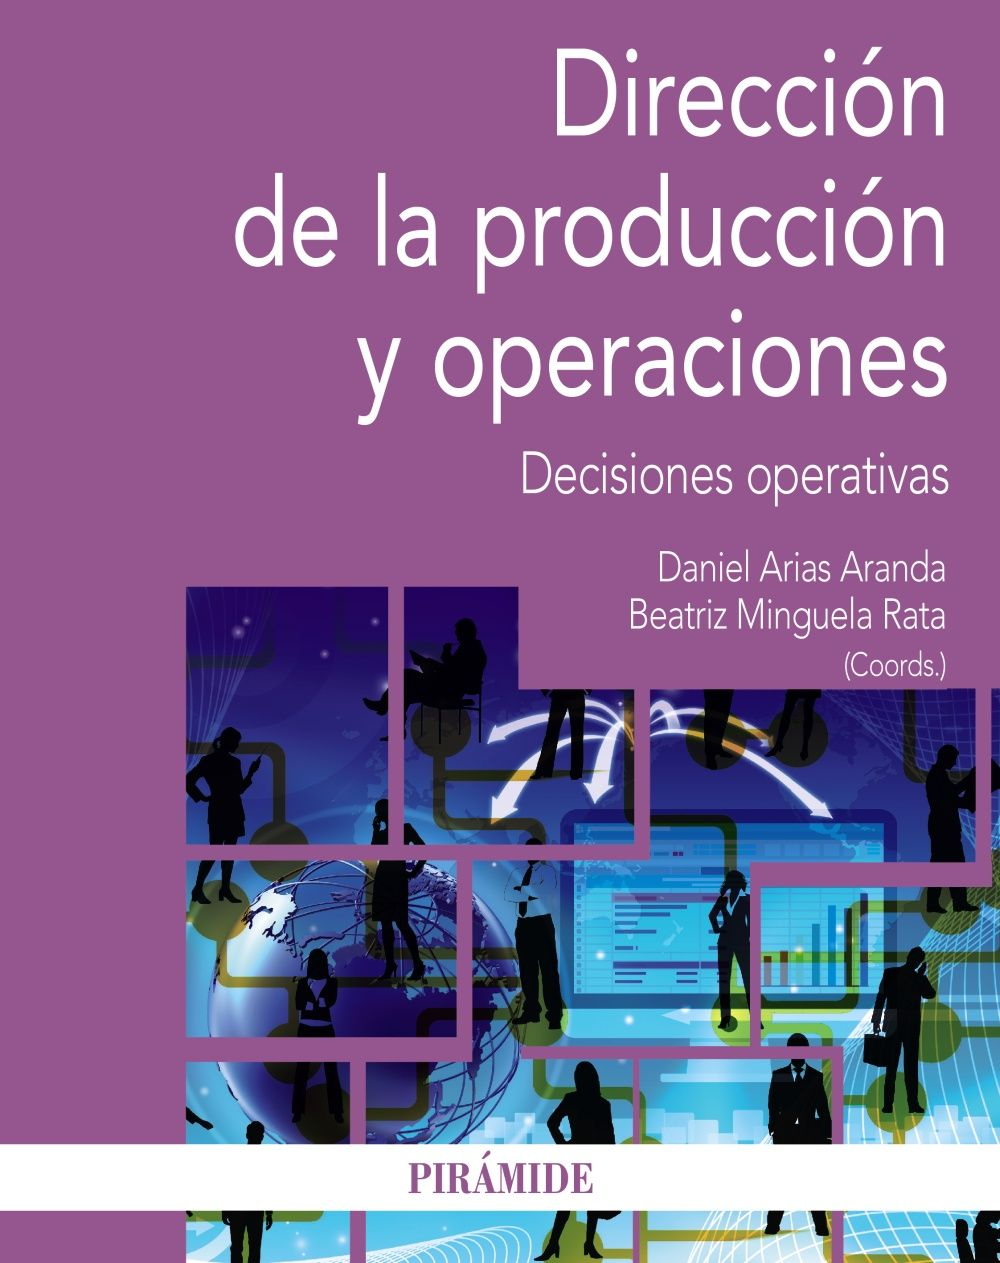 Dirección De La Producción Y Operaciones Decisiones Operativas Coordinadores Daniel Arias Aranda Beatríz Minguela Rata Libros De Economía Operacion Libros